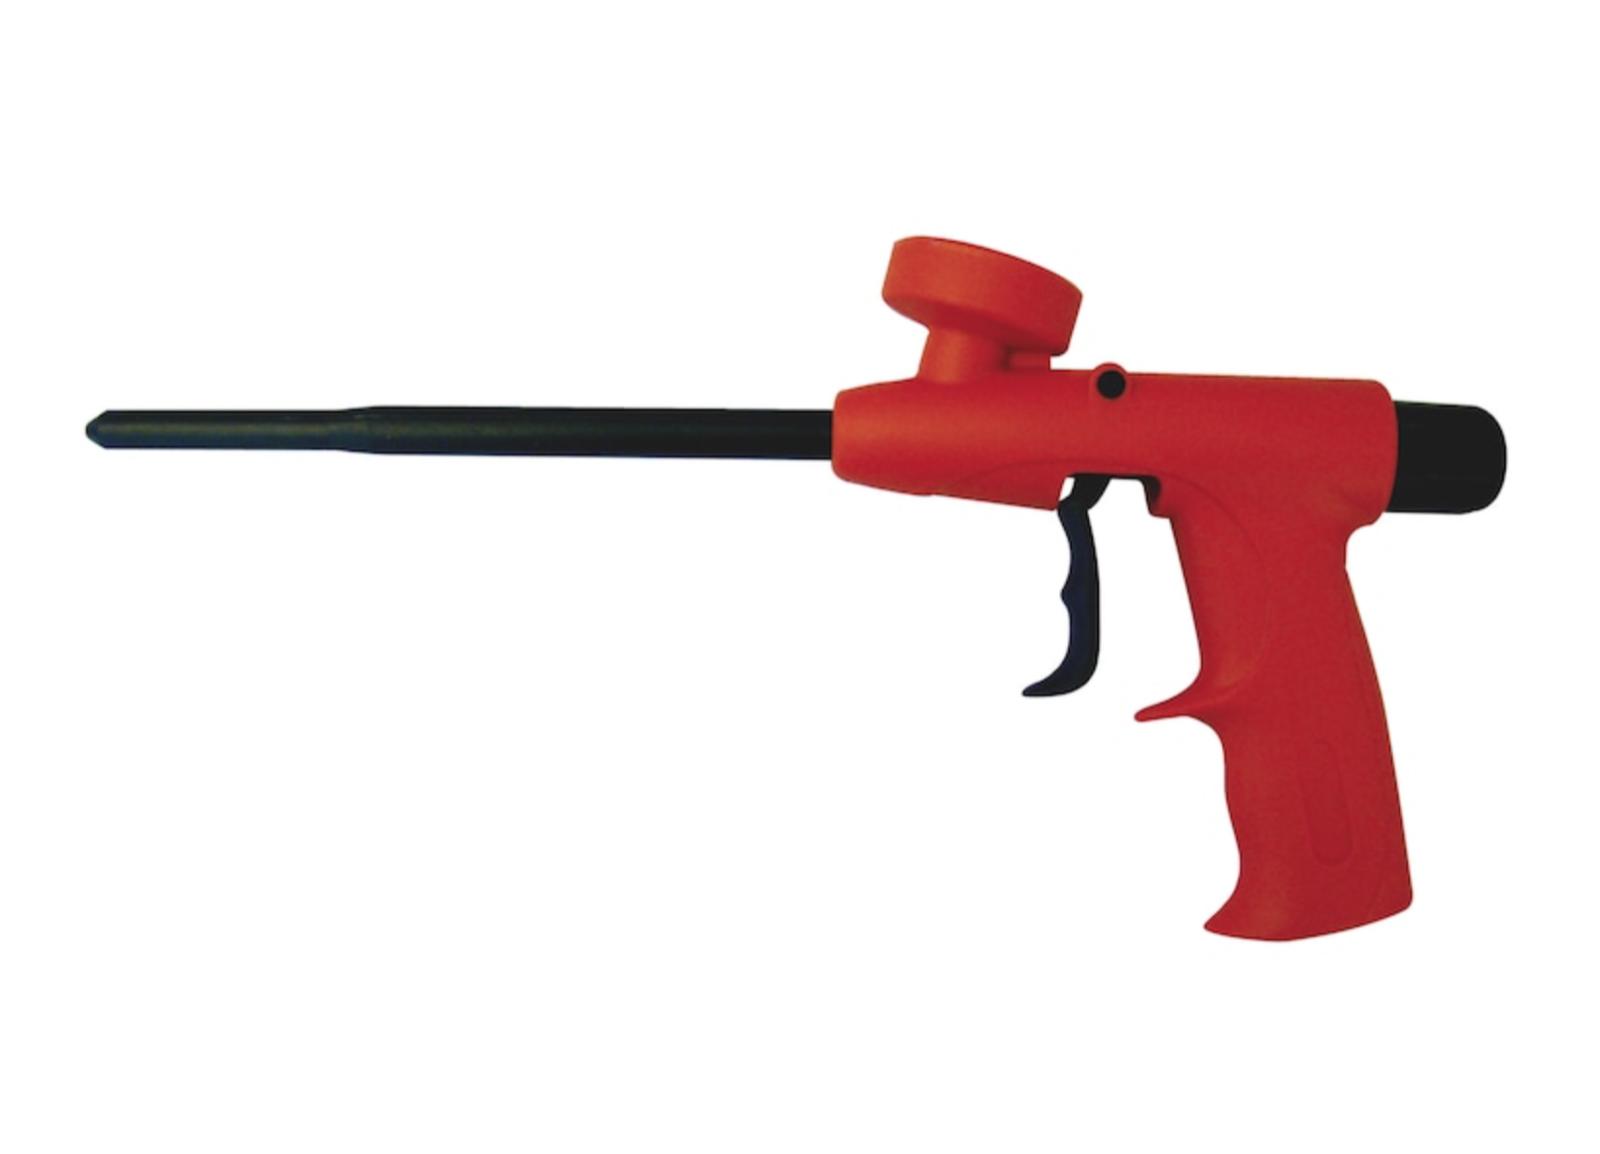 Würth 1k Schaumpistole PU Foam Gun Bauschaumpistole Pistole 12 cm Yieldmaster